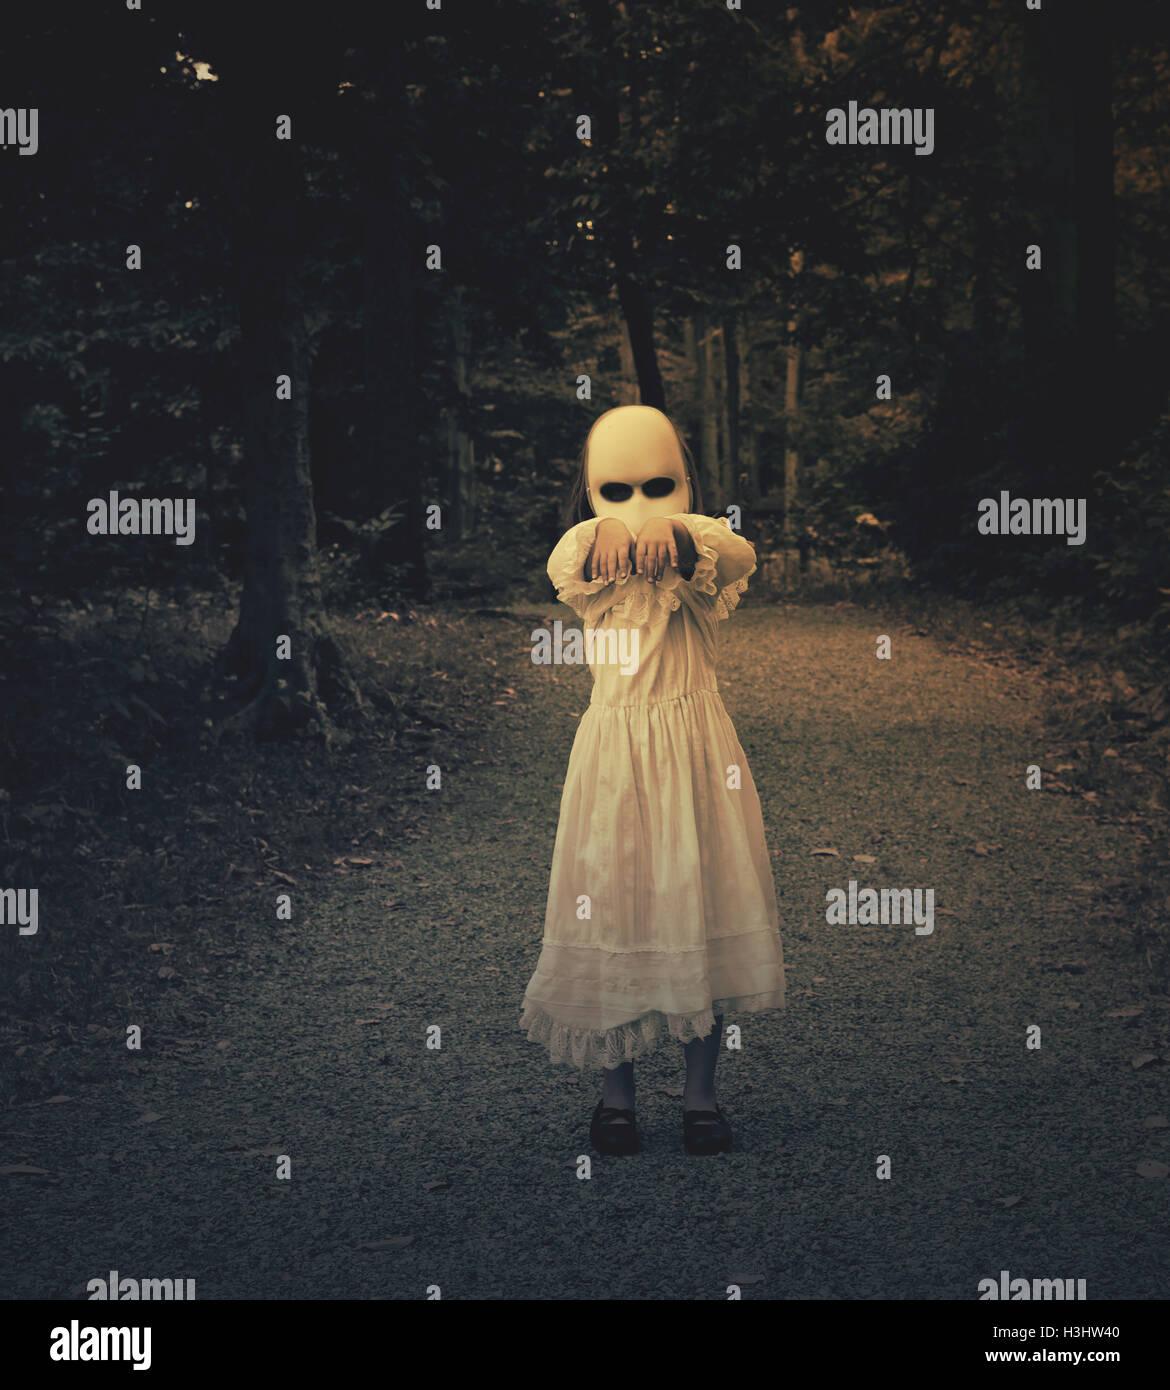 Une peur mal ghost girl vêtue d'une robe blanche et le visage marche dans les bois sombres et ses mains. Photo Stock